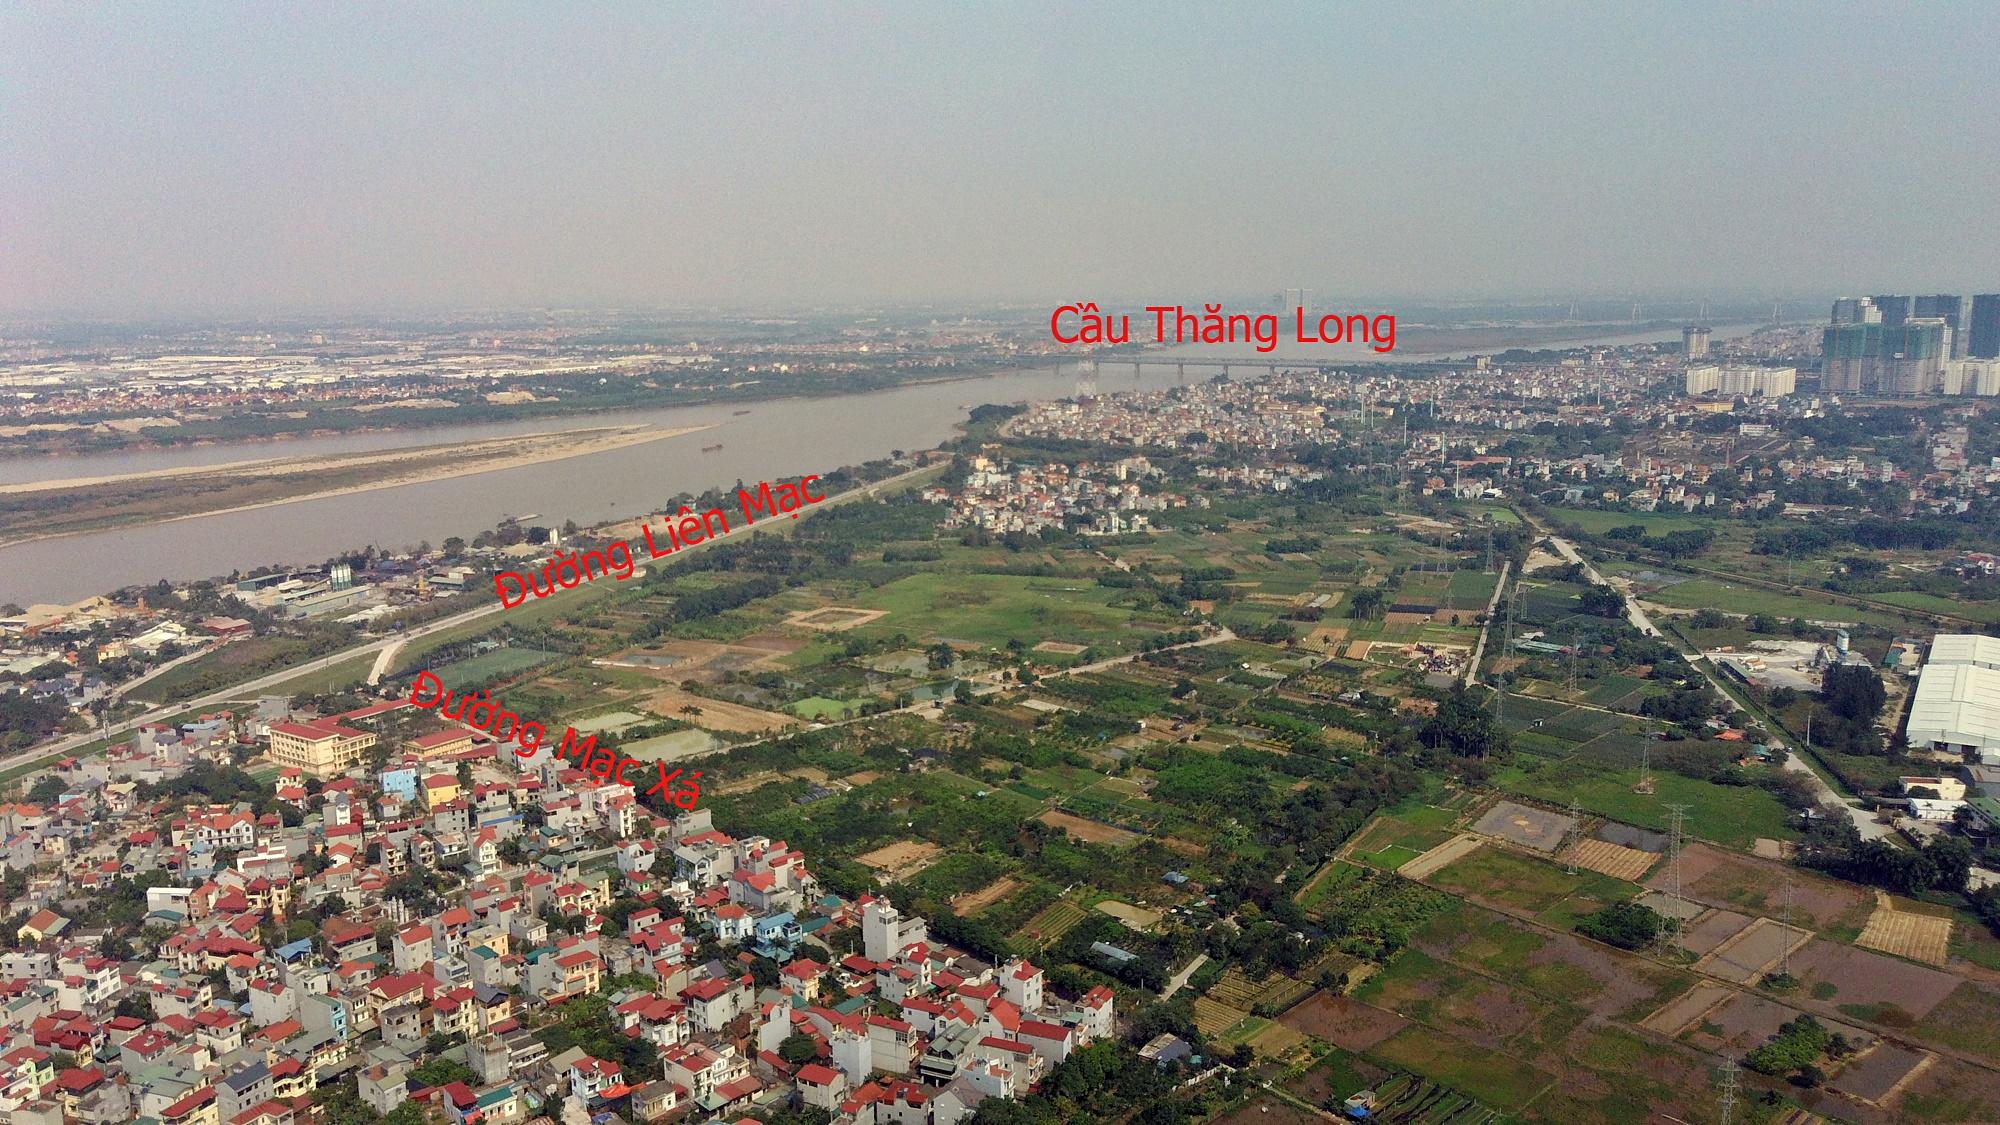 Những mảnh đất sẽ được đào hồ lớn ở quận Bắc Từ Liêm - Ảnh 2.